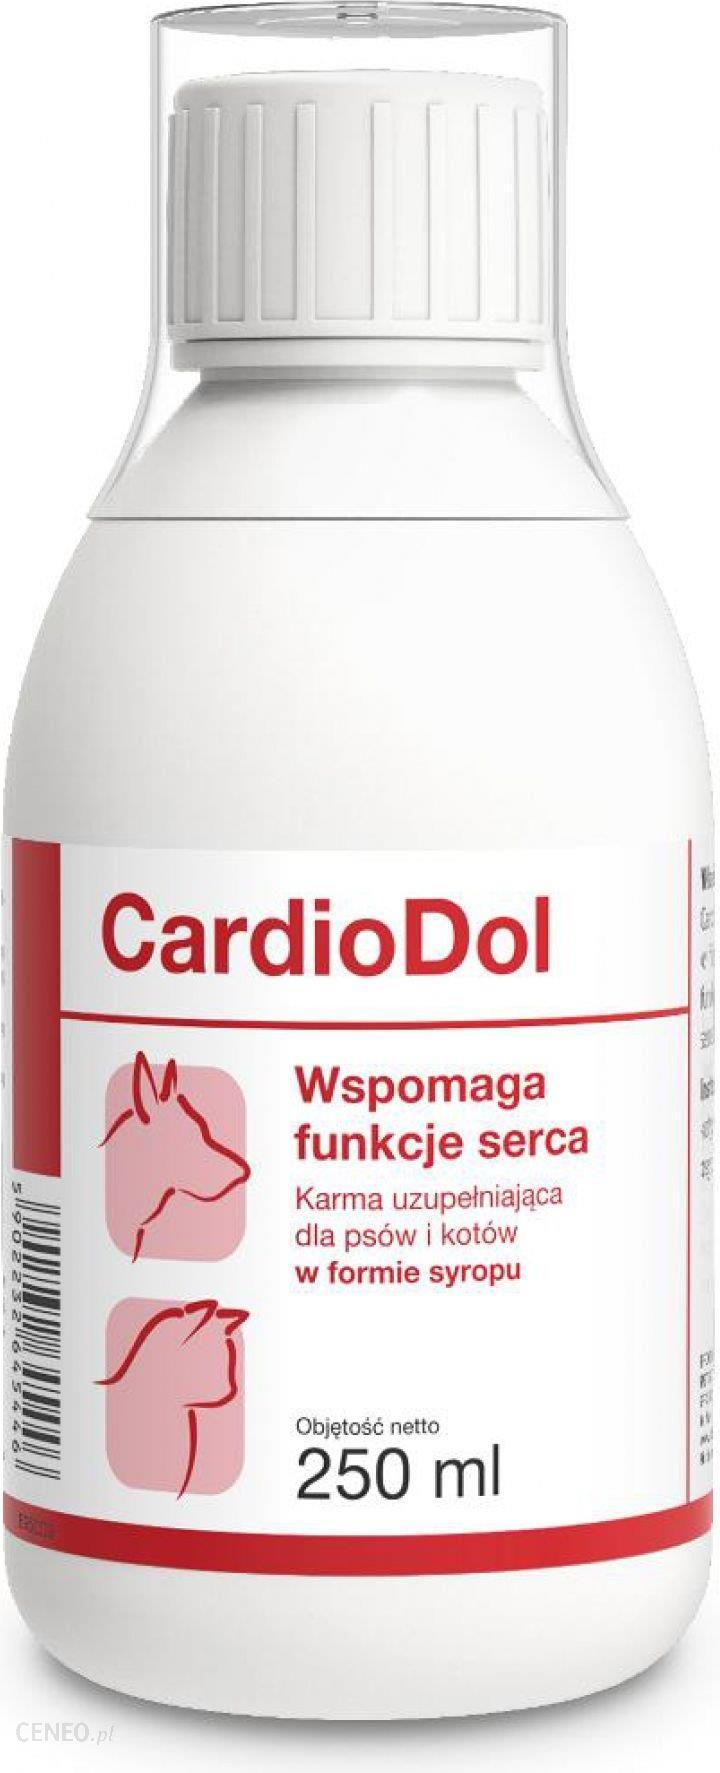 Dolfos Cardiodol Syrop Dla Psów I Kotów Wspomaganie Funkcji Serca